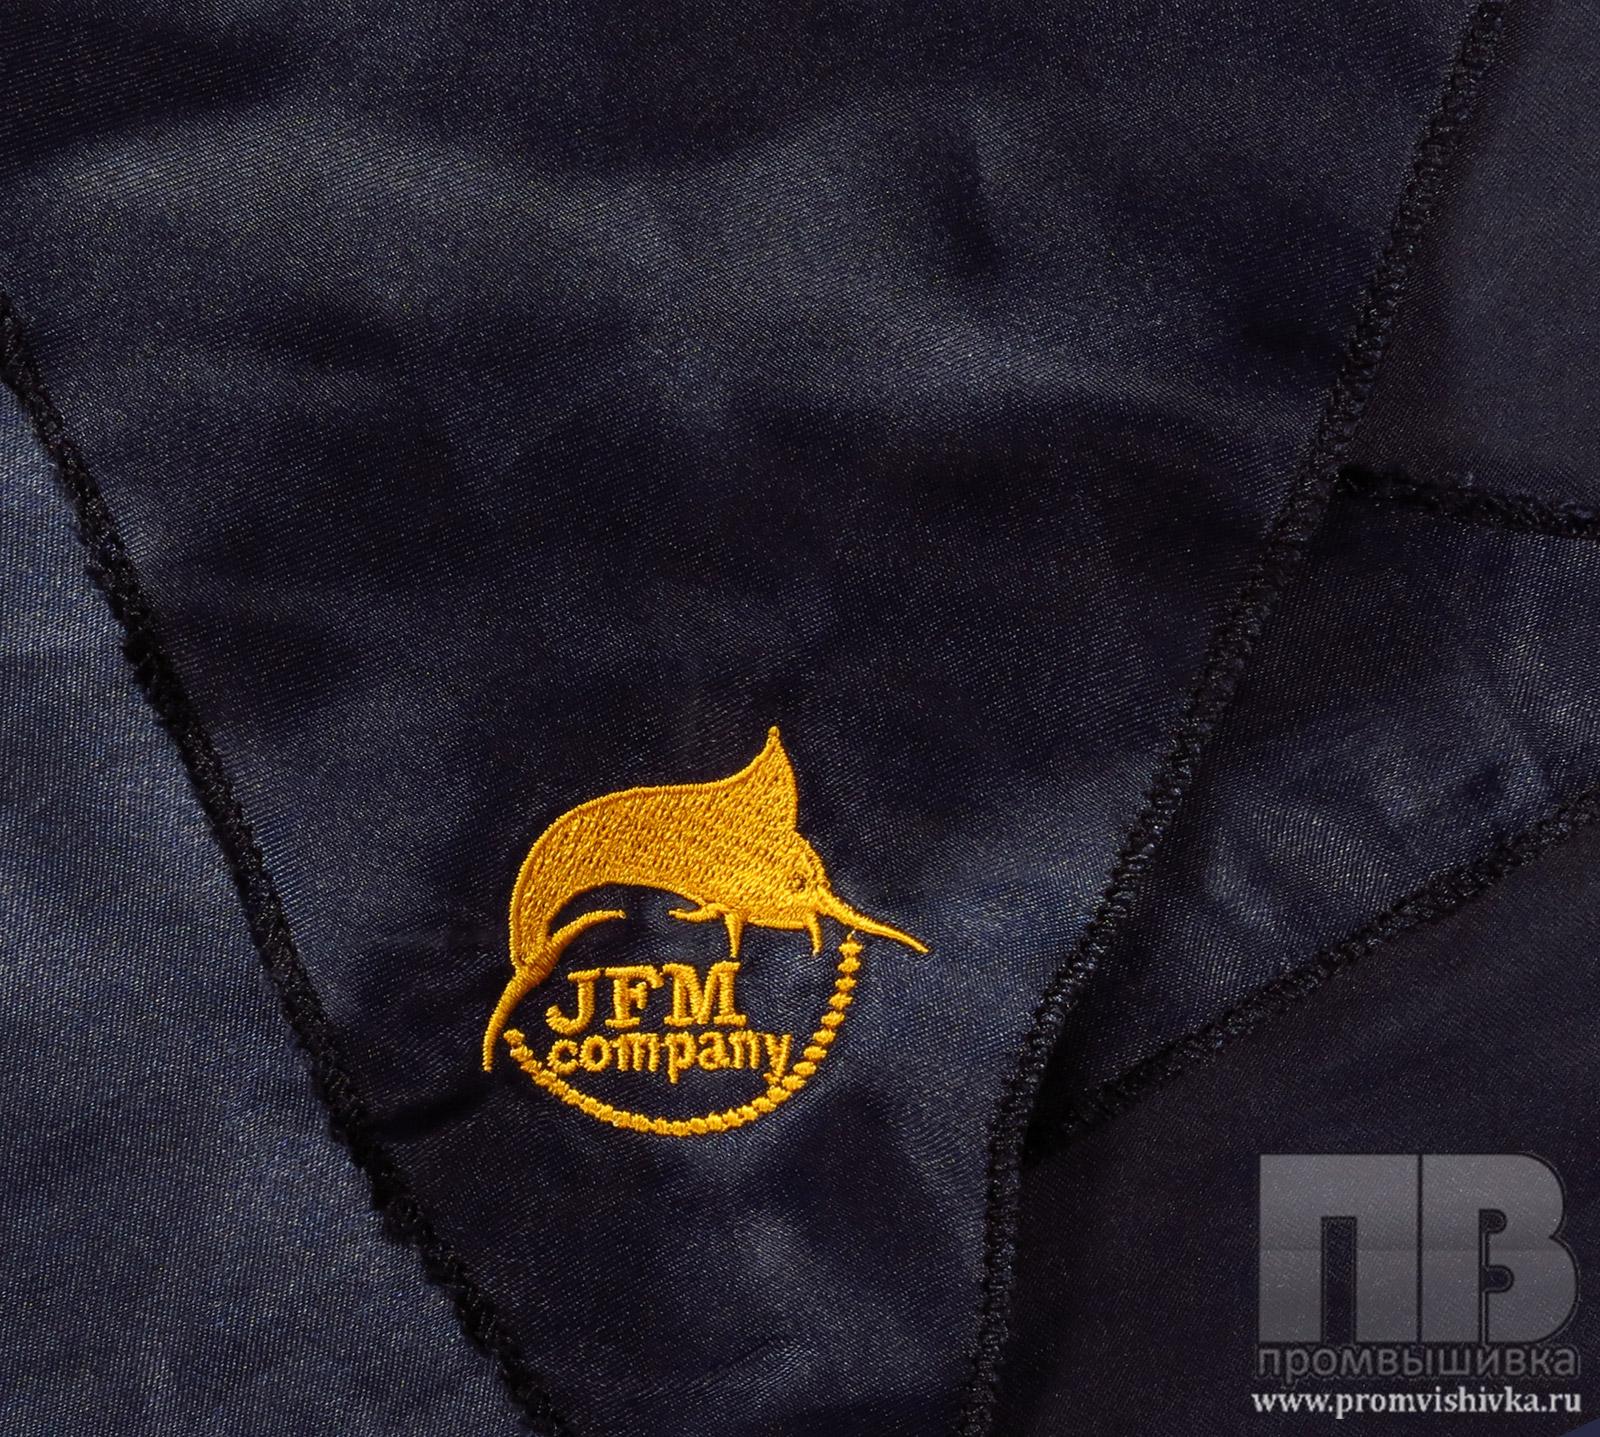 d2fcb78b31c3 Платки с логотипом на заказ. Шейные платки с логотипом. Ваш ...